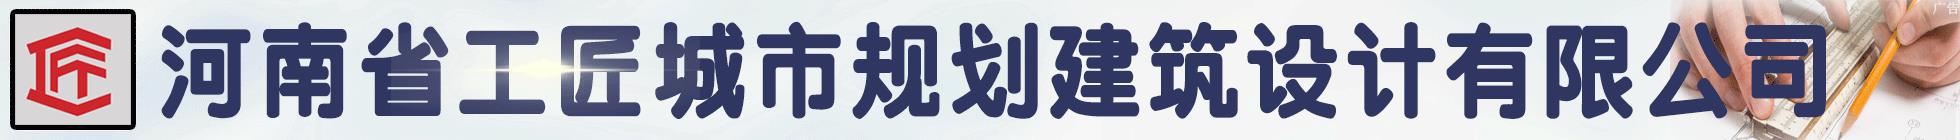 河南省工匠城市規劃建筑設計有限公司